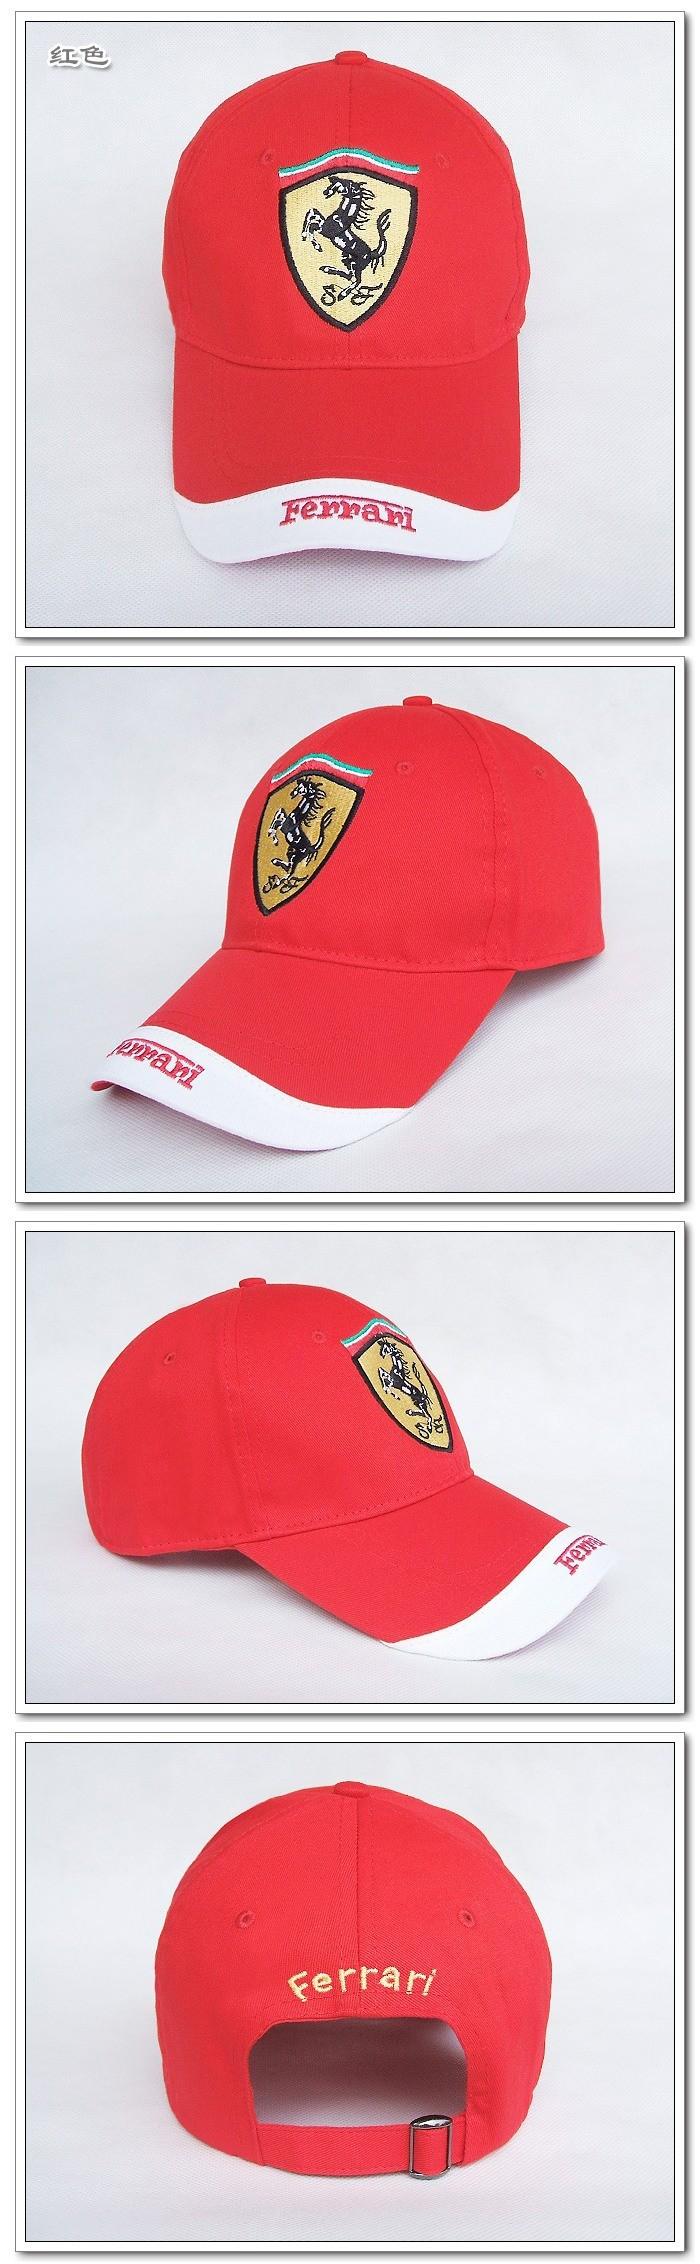 для Шумахер f1 автомобиль Бренды логотип Спорт бейсбольная кепка белый черный красный гольф шапки мужчины белая f1 racing шляпы